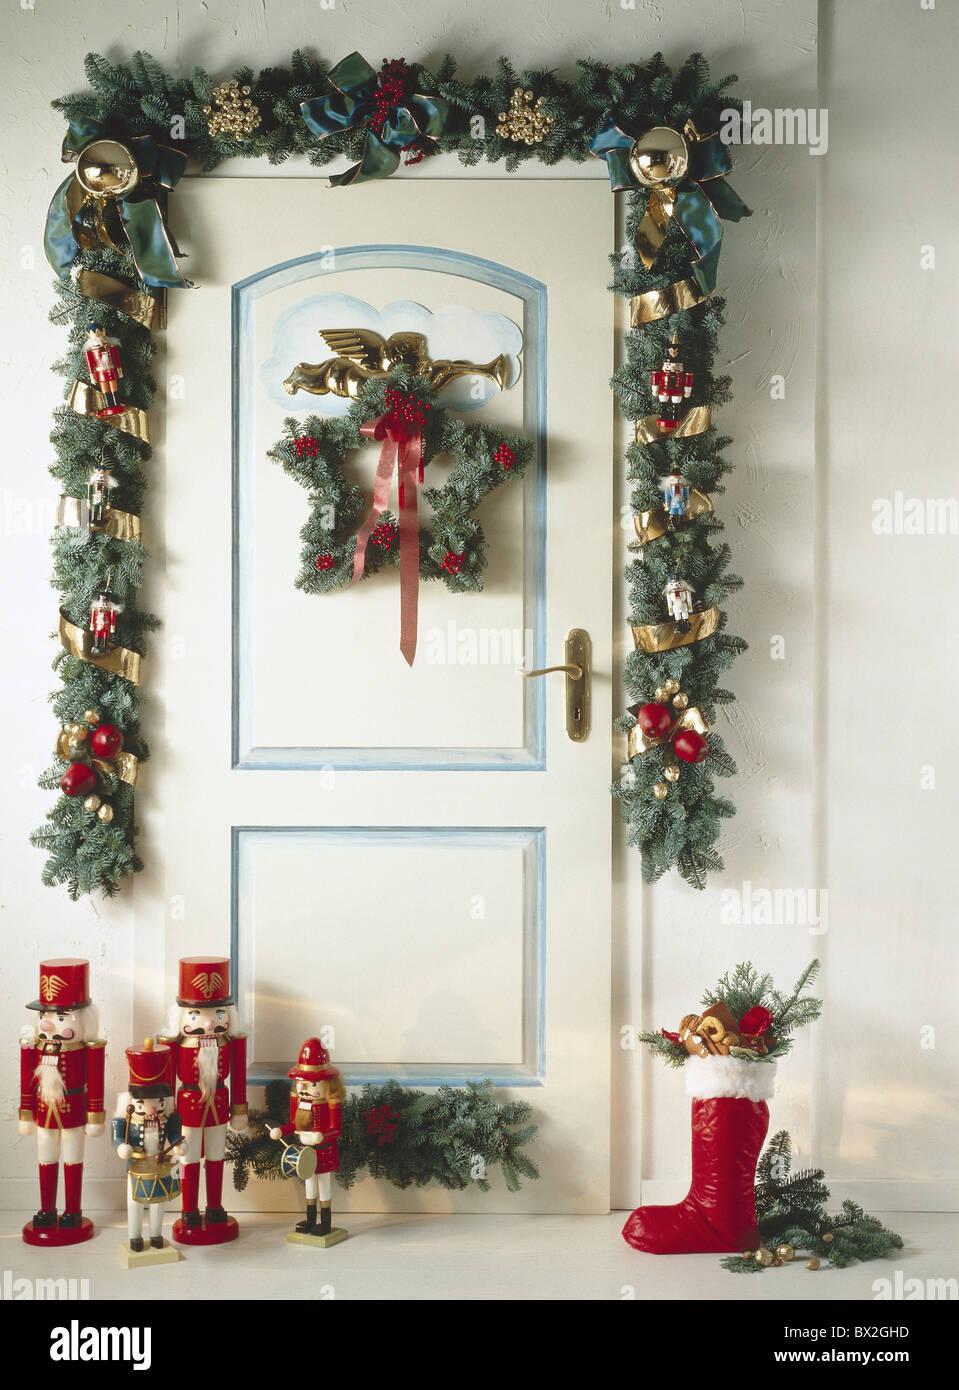 Arreglos arreglos de adviento muy navide o navidad caja for Decoracion de navidad para ventanas y puertas